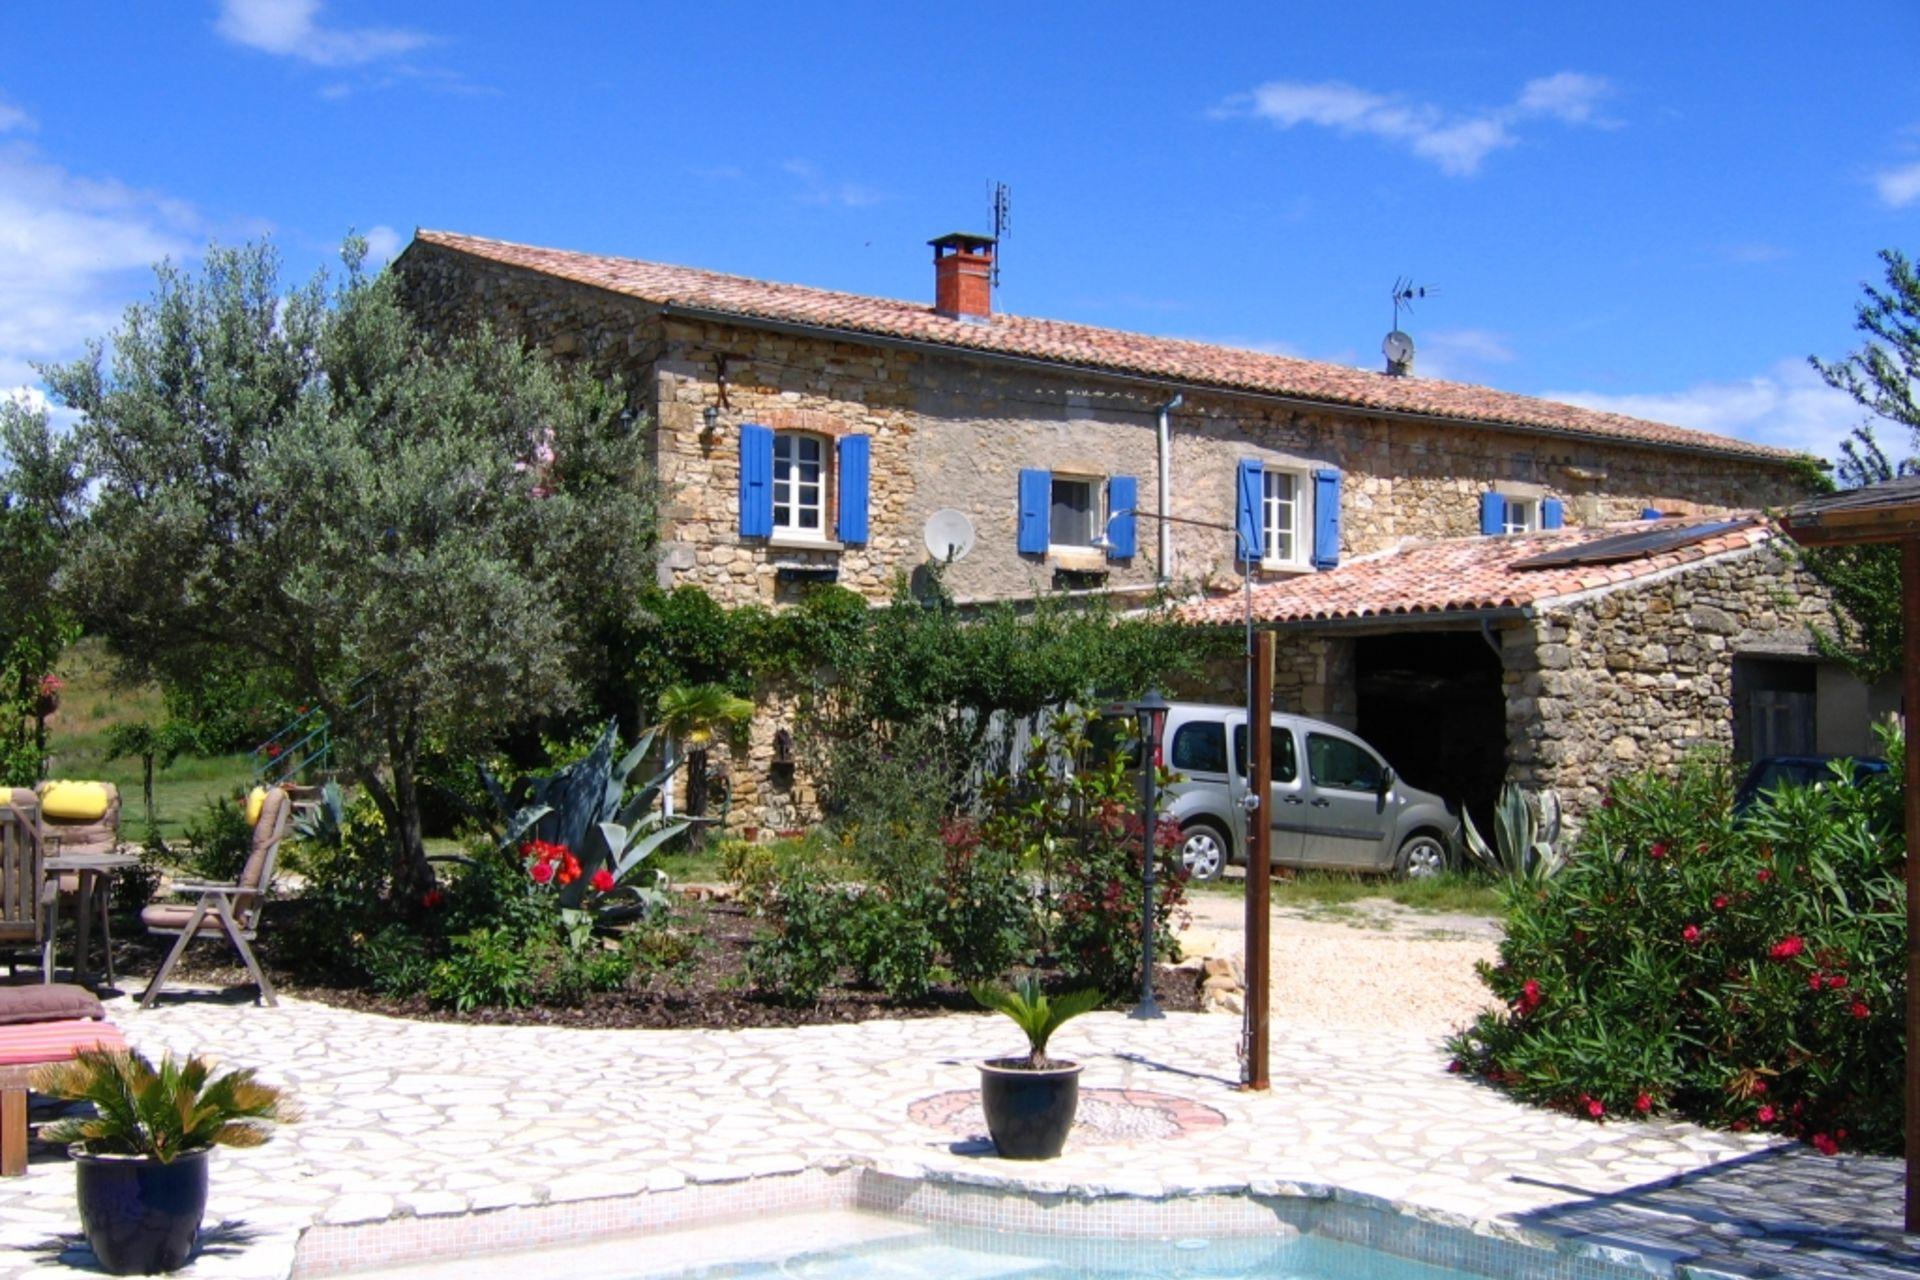 Bekijk bed and breakfast 't Cathshuis in Ardèche  RhôneAlpes  Gitesnl # Alpe Wasbak_234112